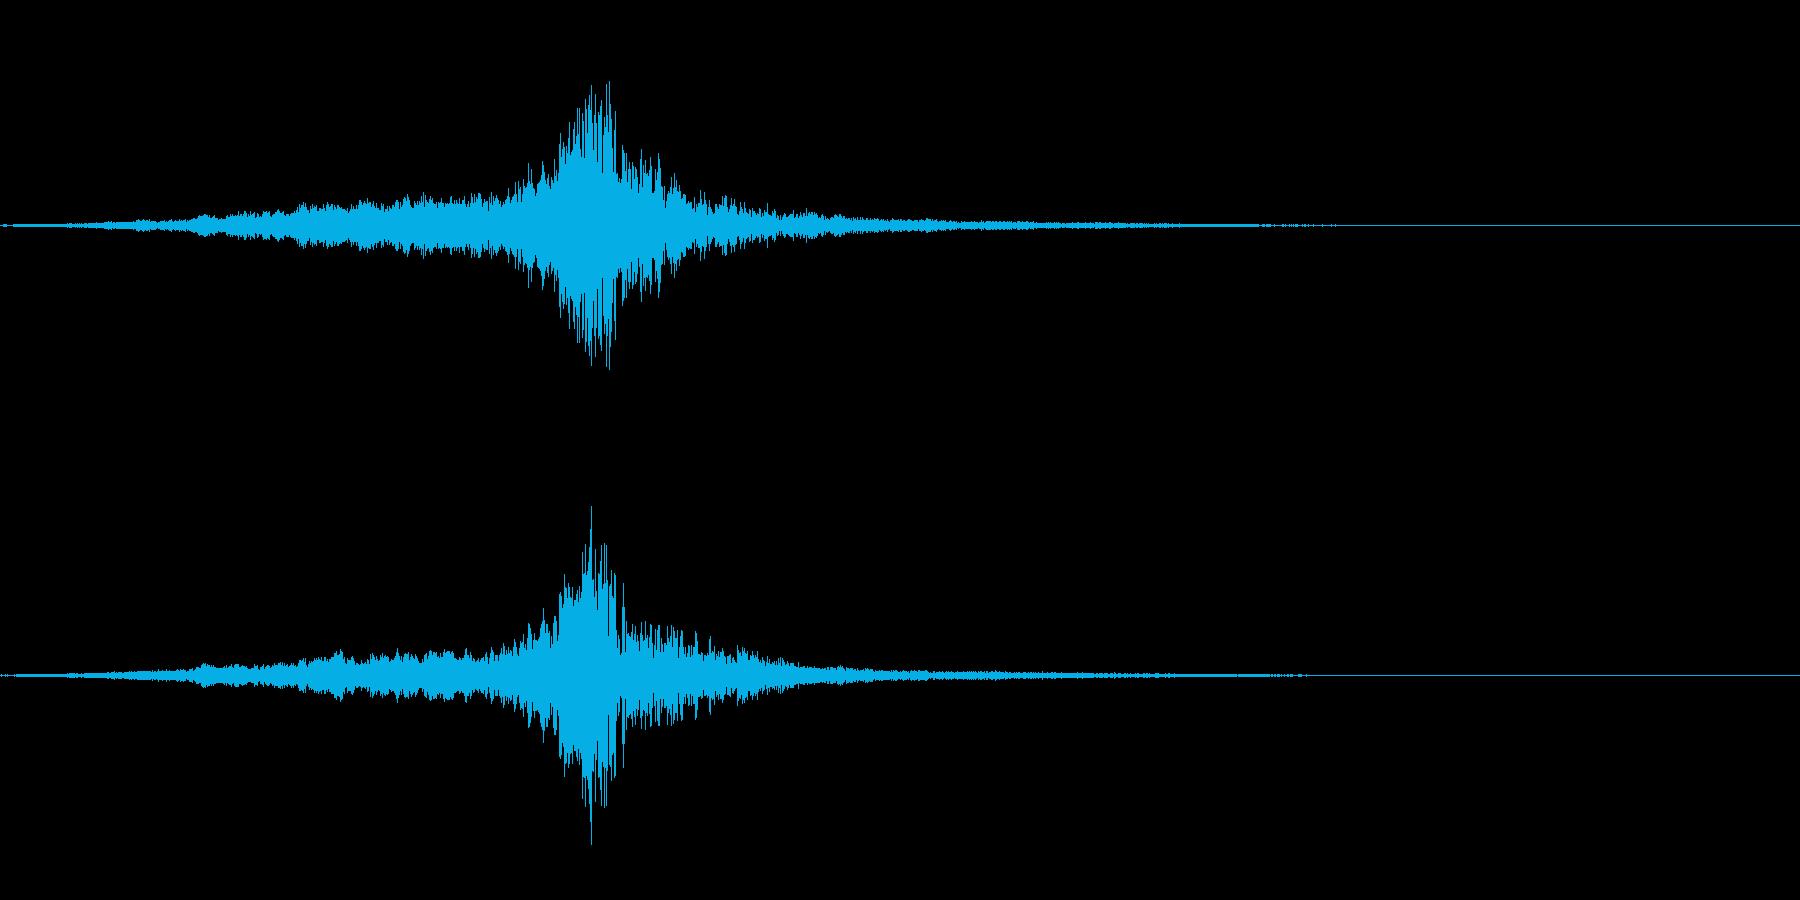 ロゴや転換の音・一刀両断・シューブンッの再生済みの波形